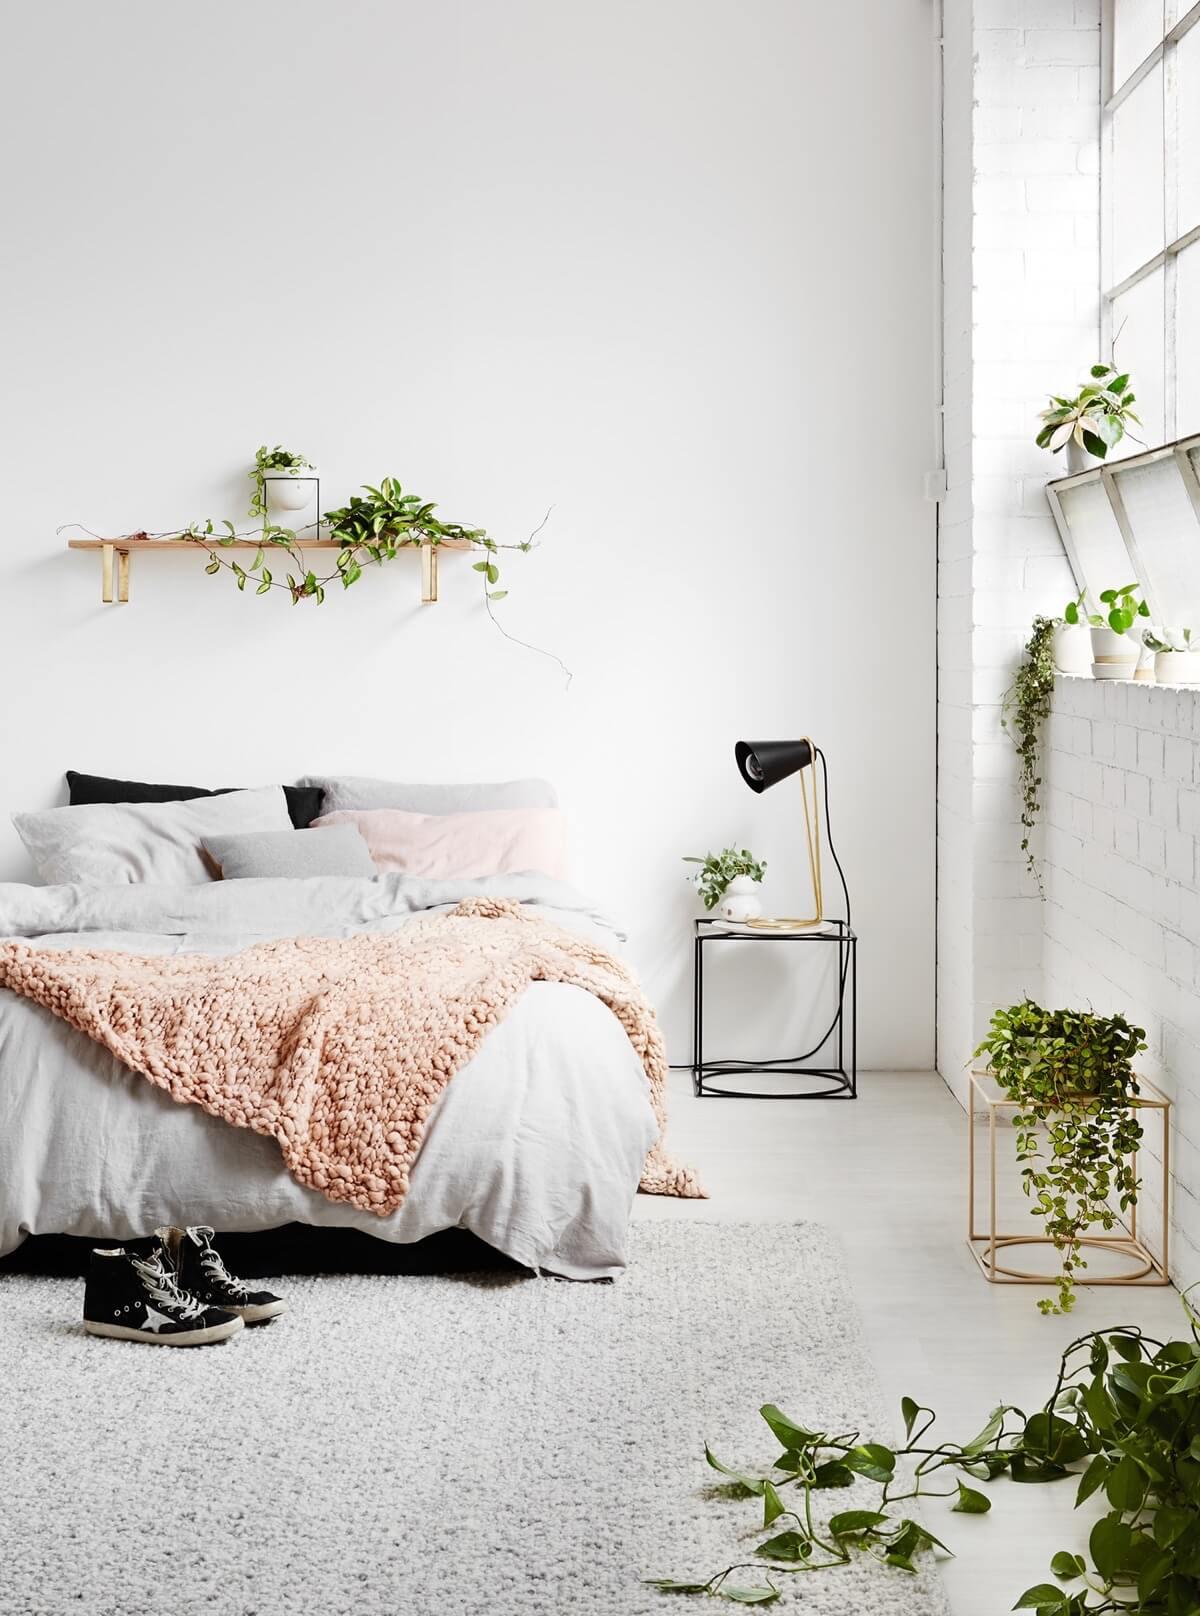 mẫu nội thất phòng ngủ màu trắng